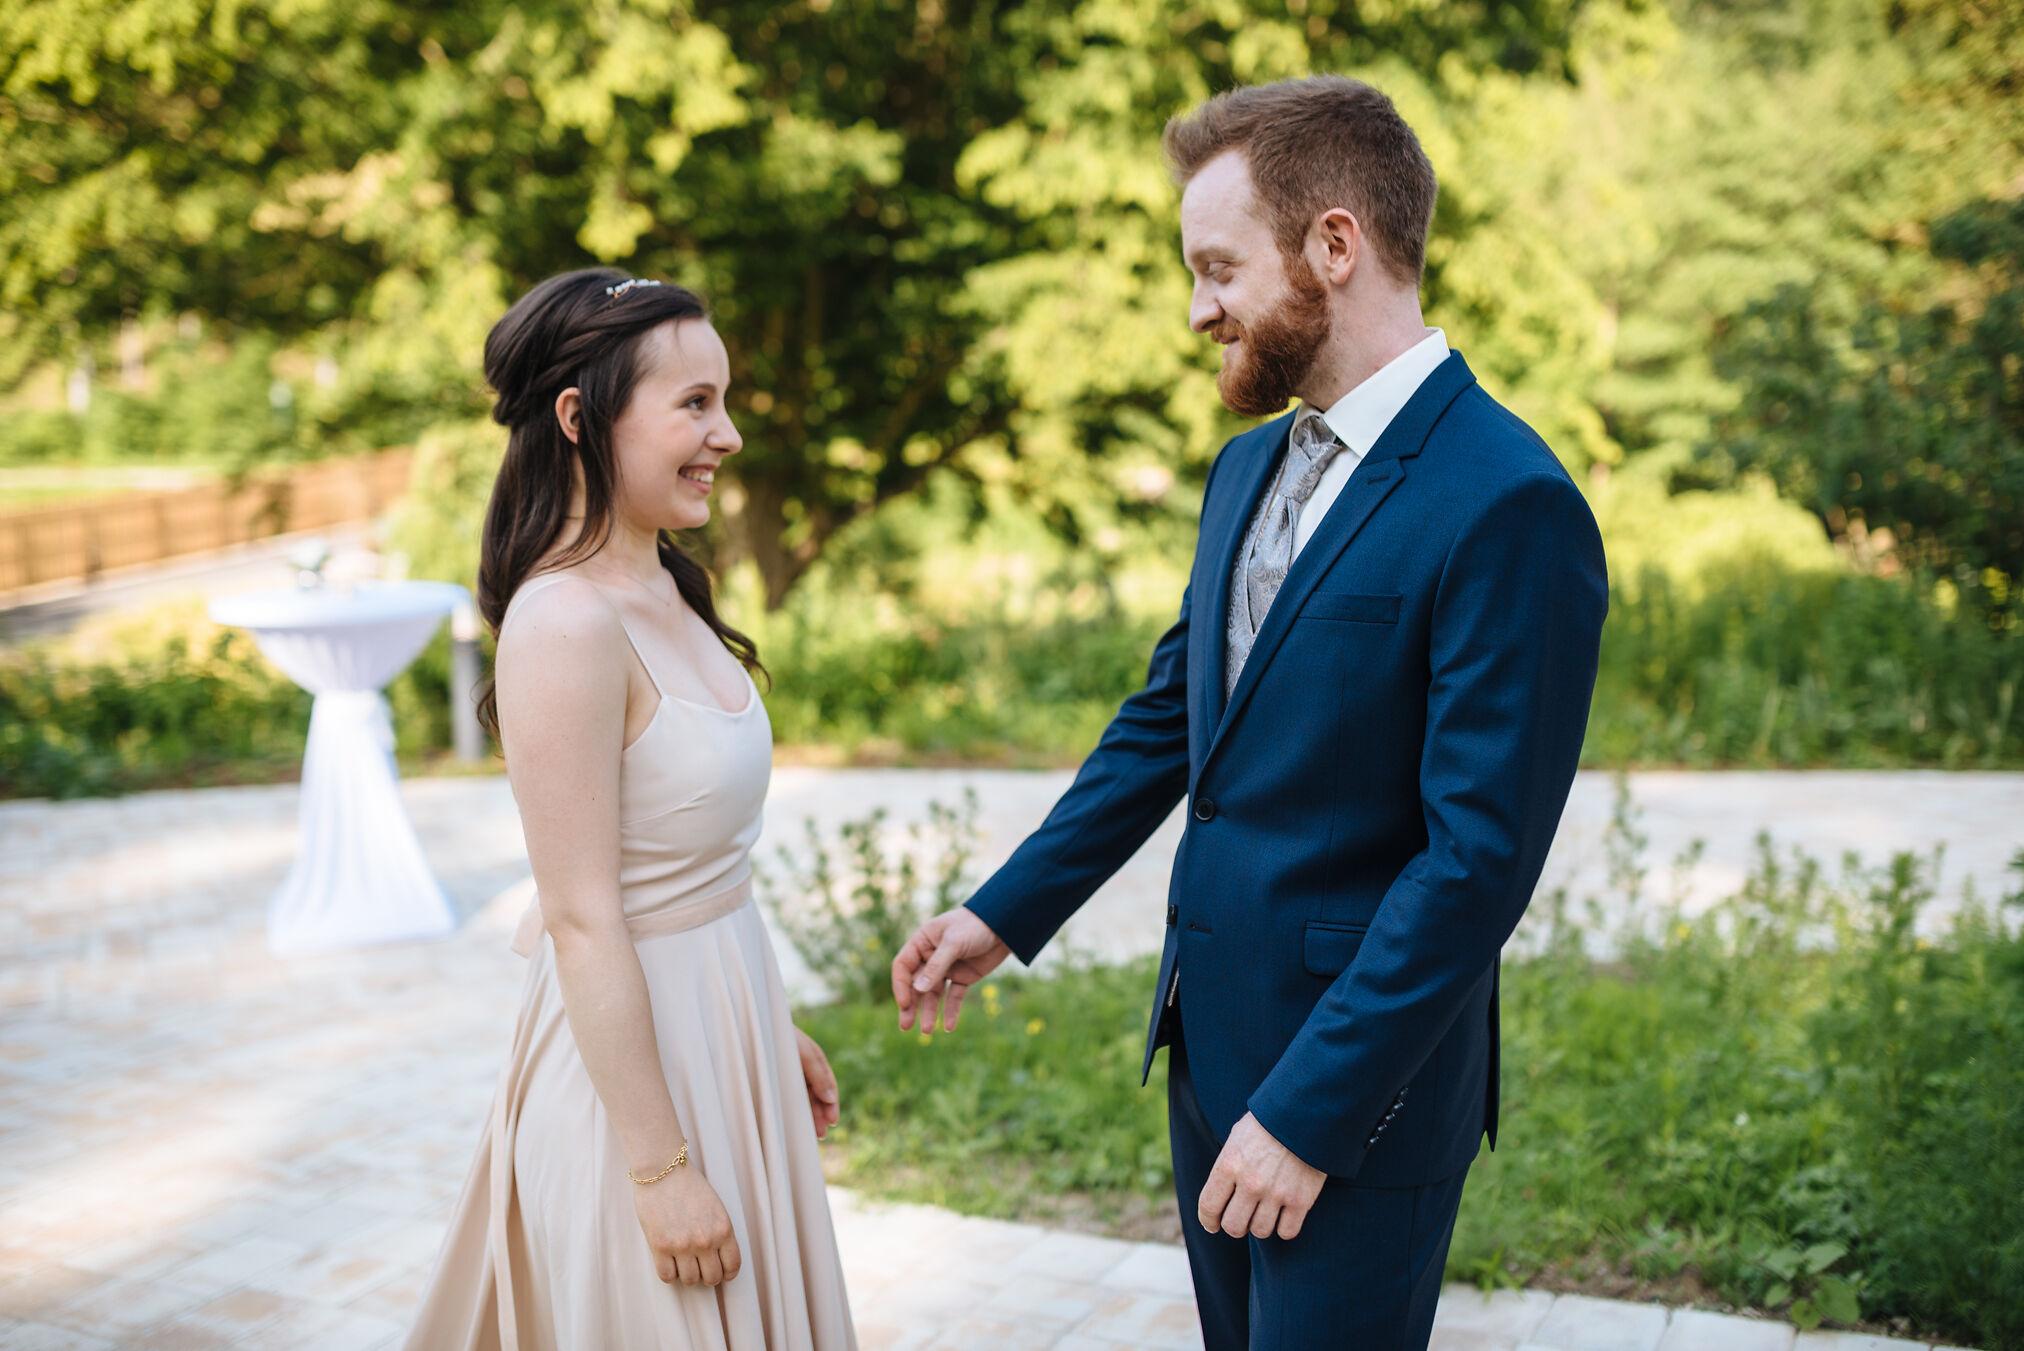 Hochzeit-Garten-Denoti-15.jpg